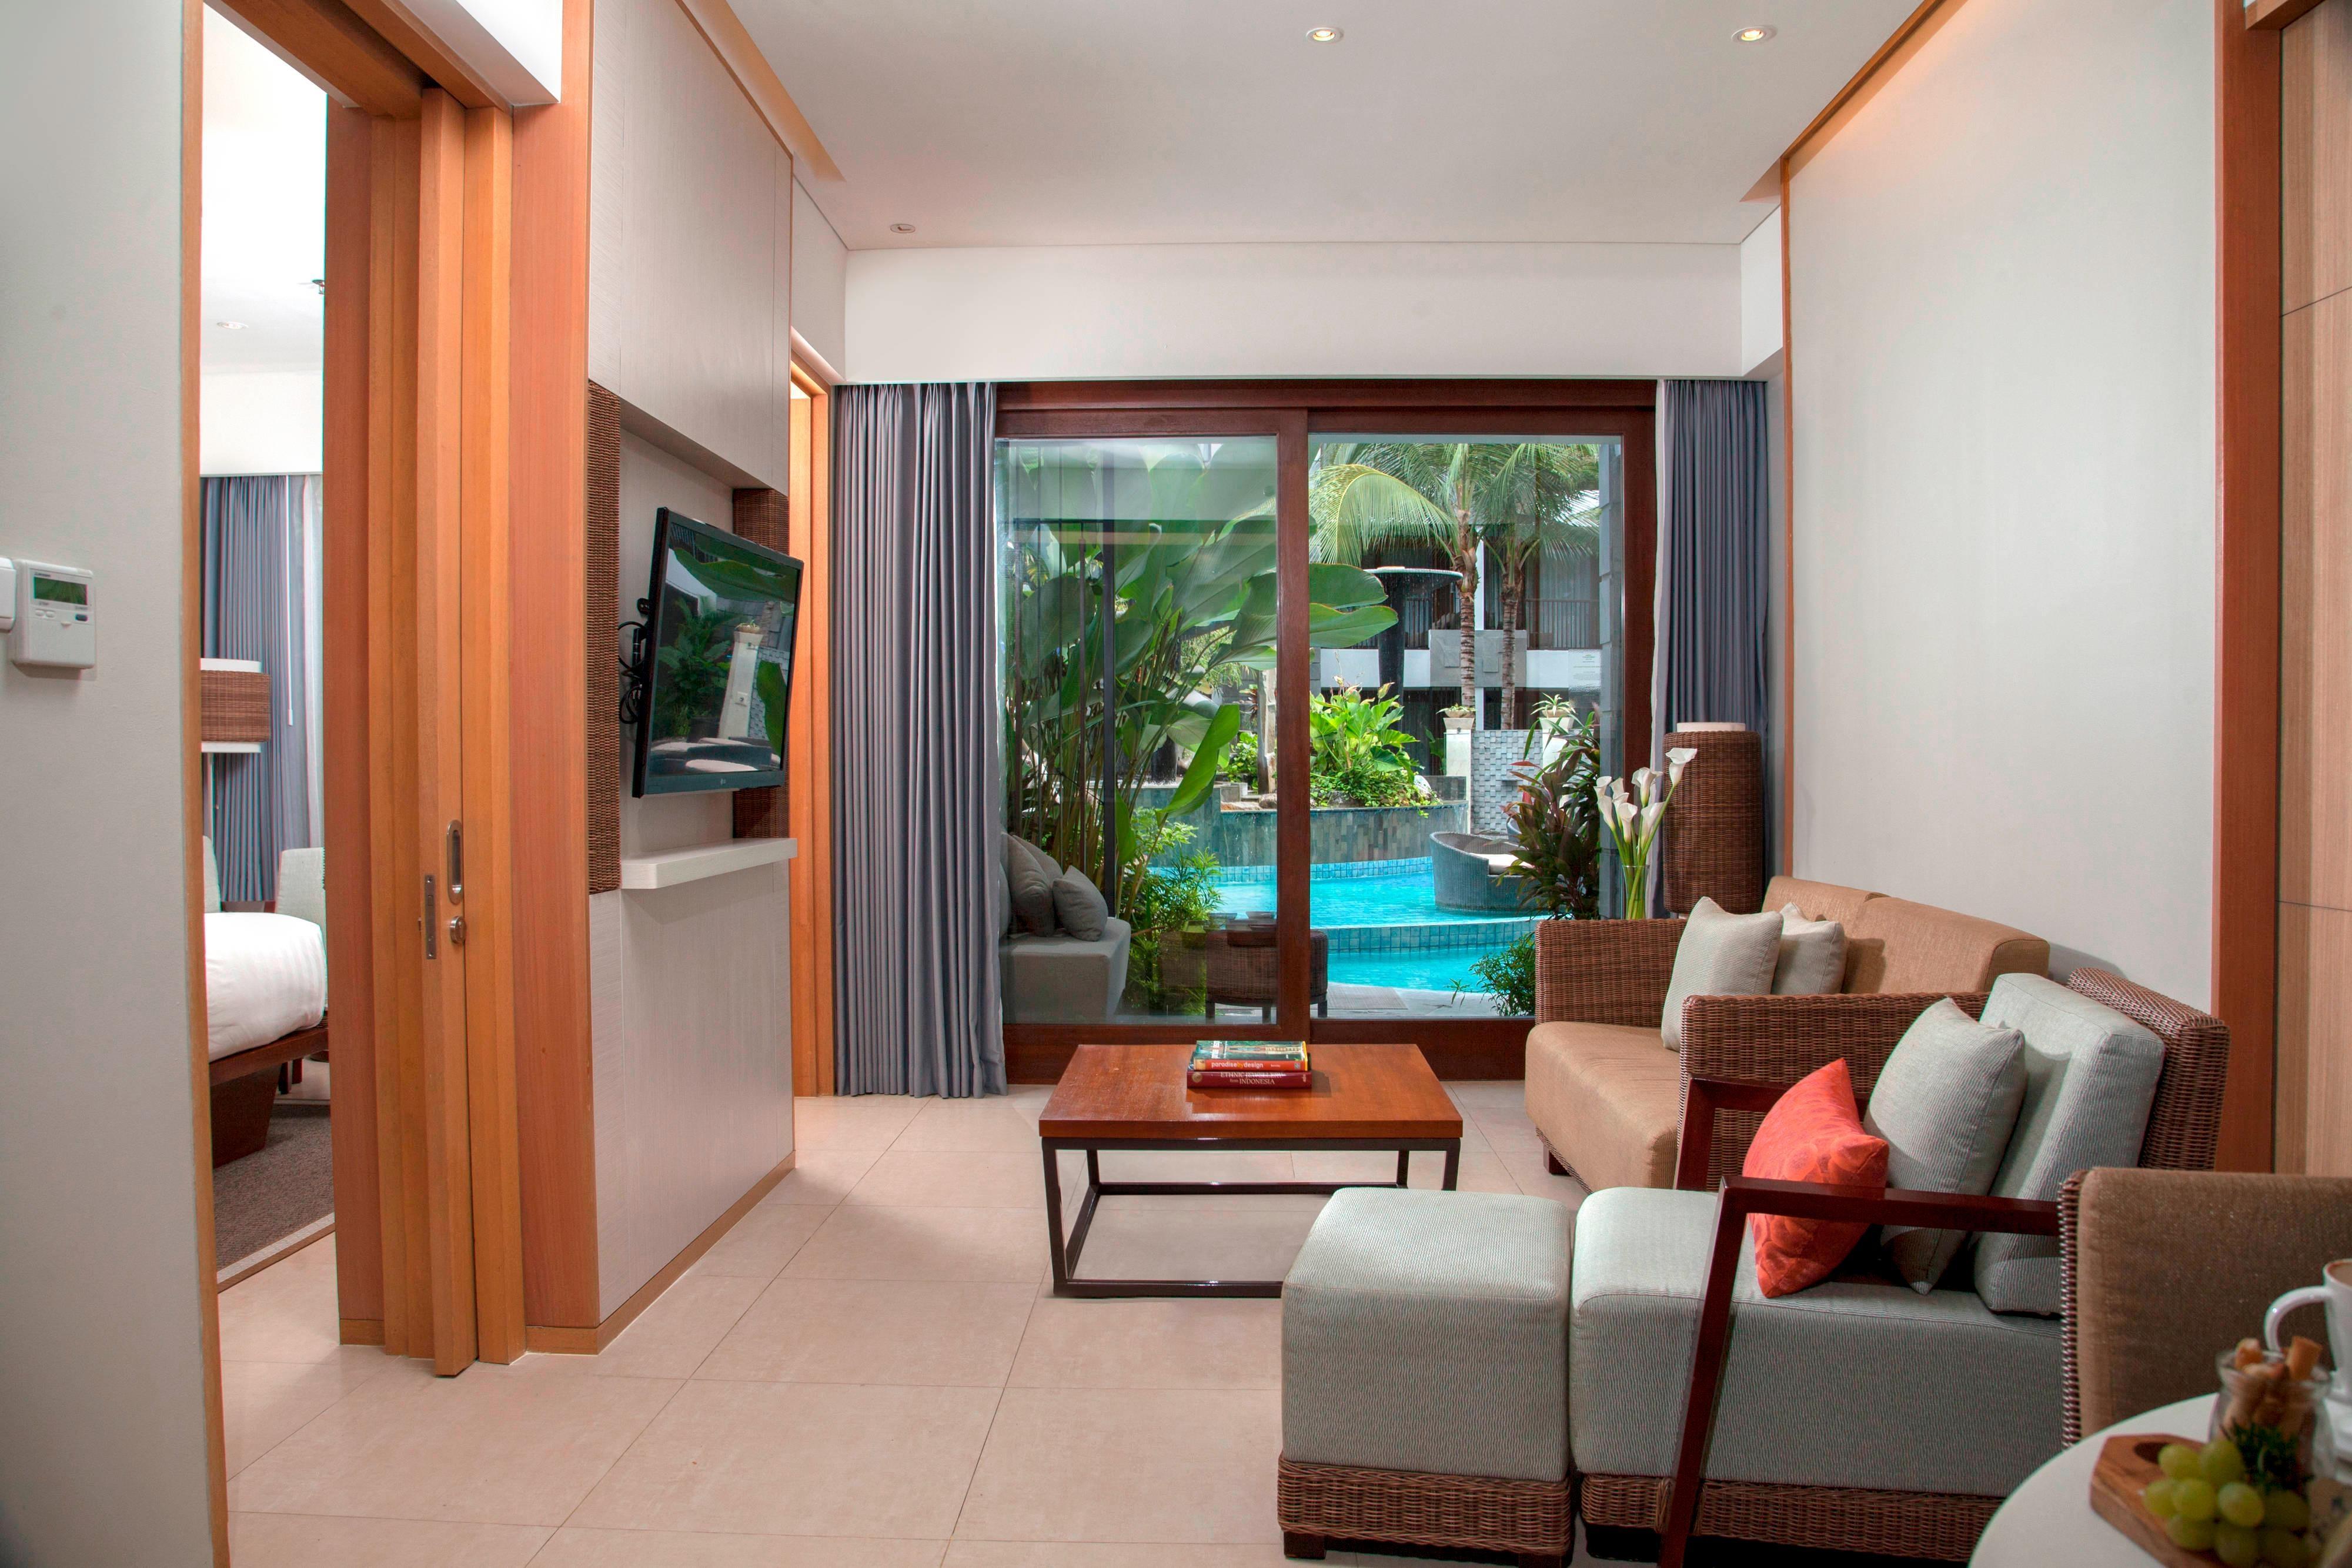 Suite de un dormitorio con terraza hacia la piscina - Sala de estar